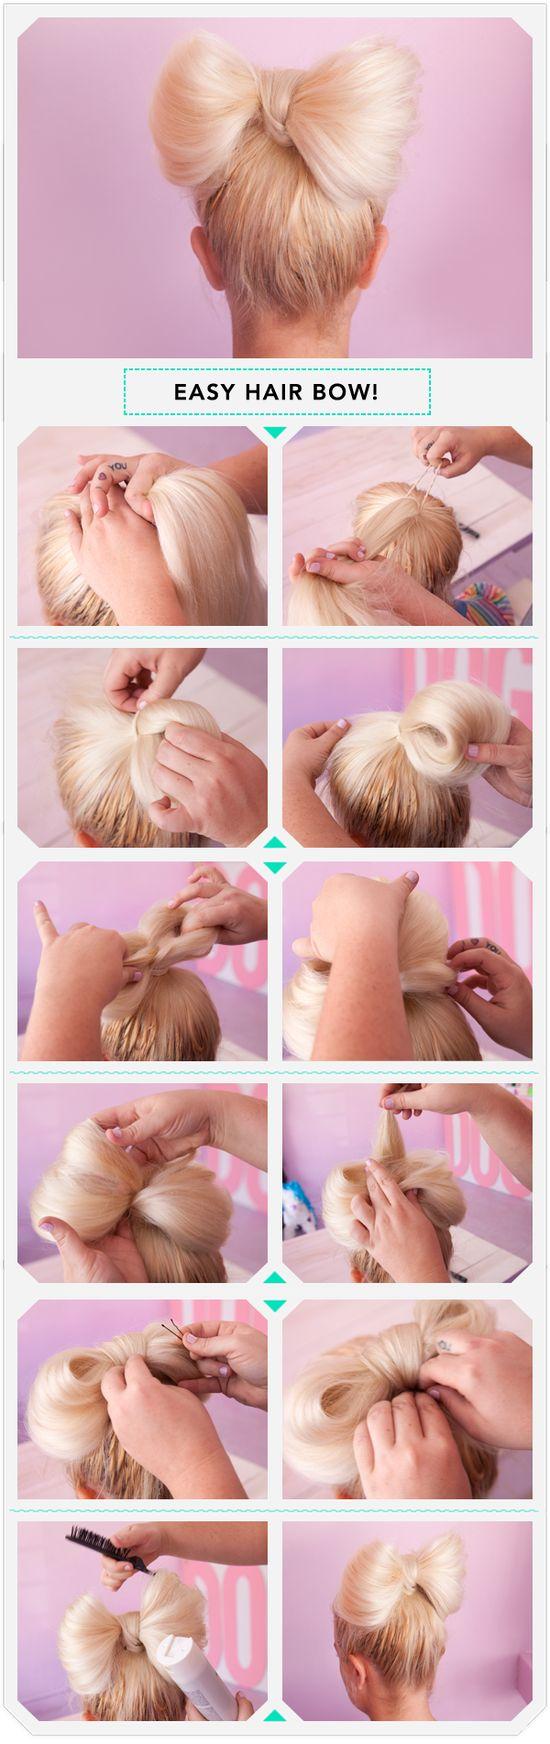 Как сделать бантик из волос своими руками пошаговое фото